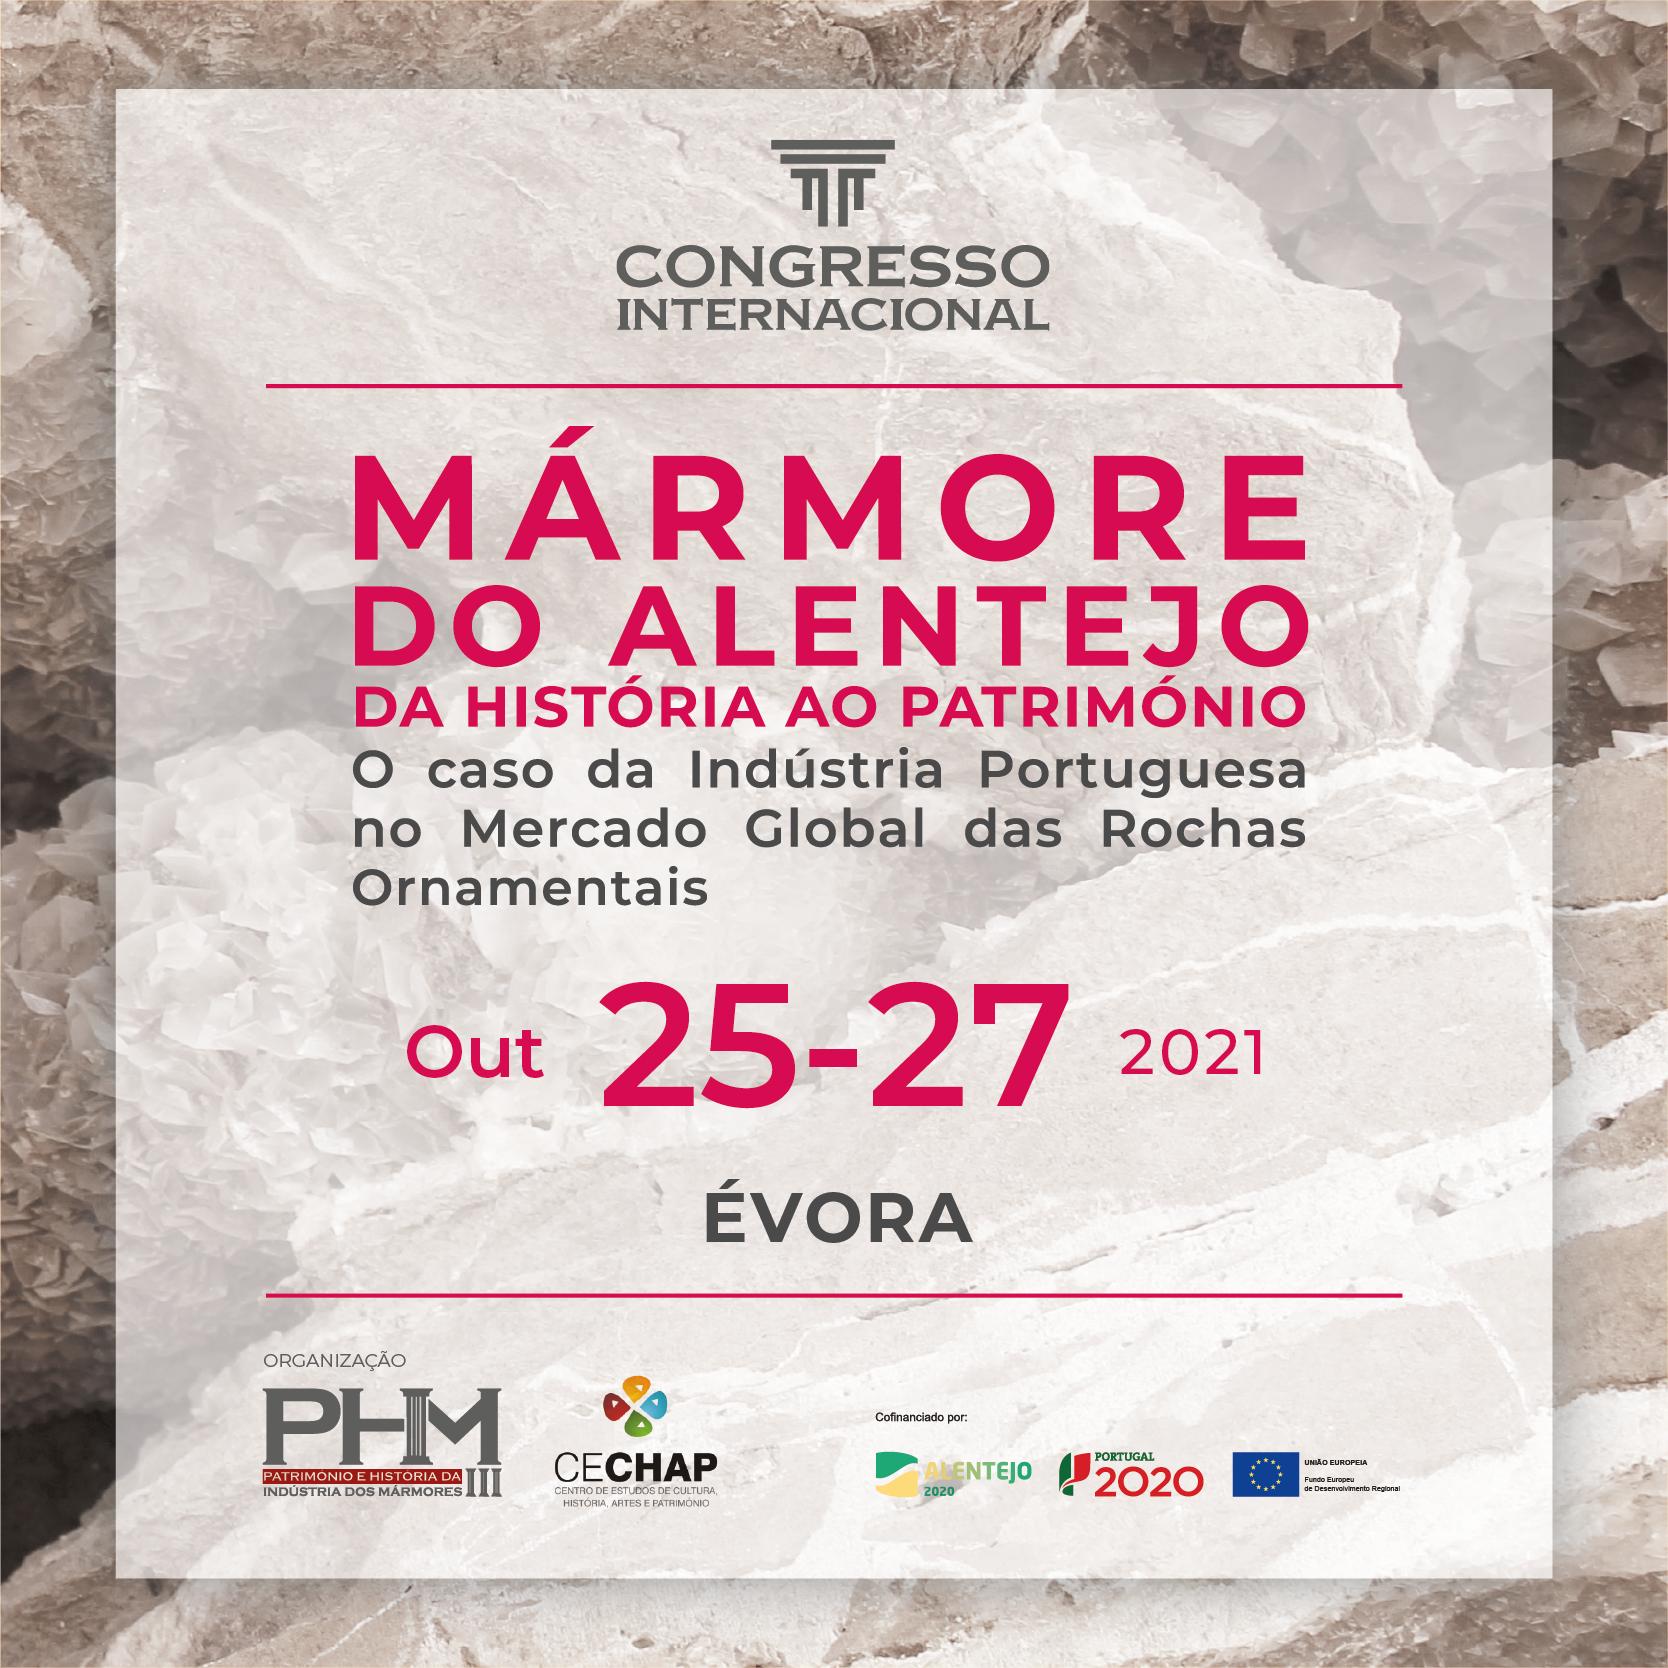 Congresso Internacional Marmore Historia Património